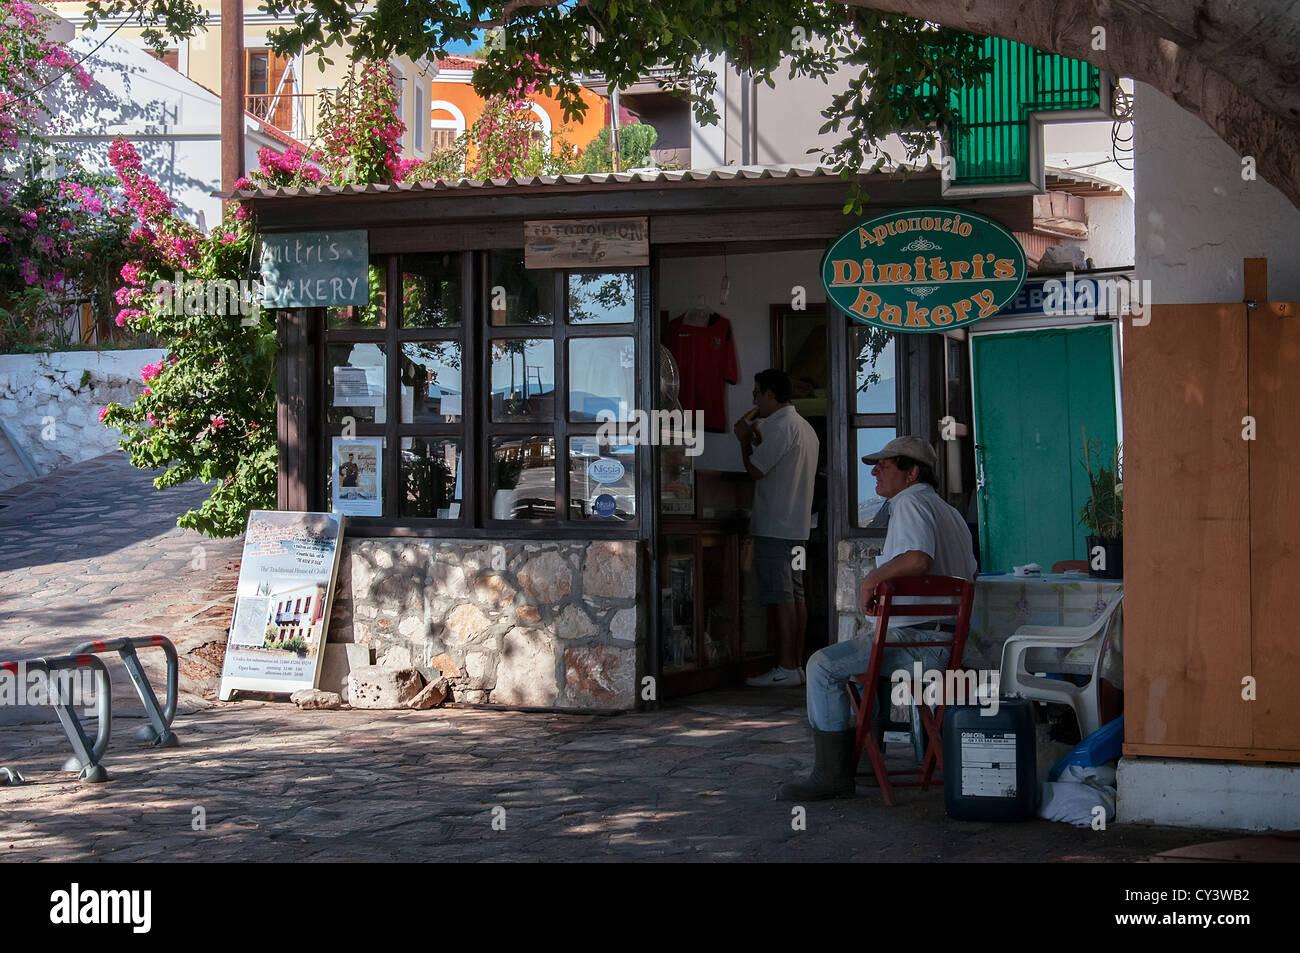 Dimitri's Bakery, Halki. - Stock Image